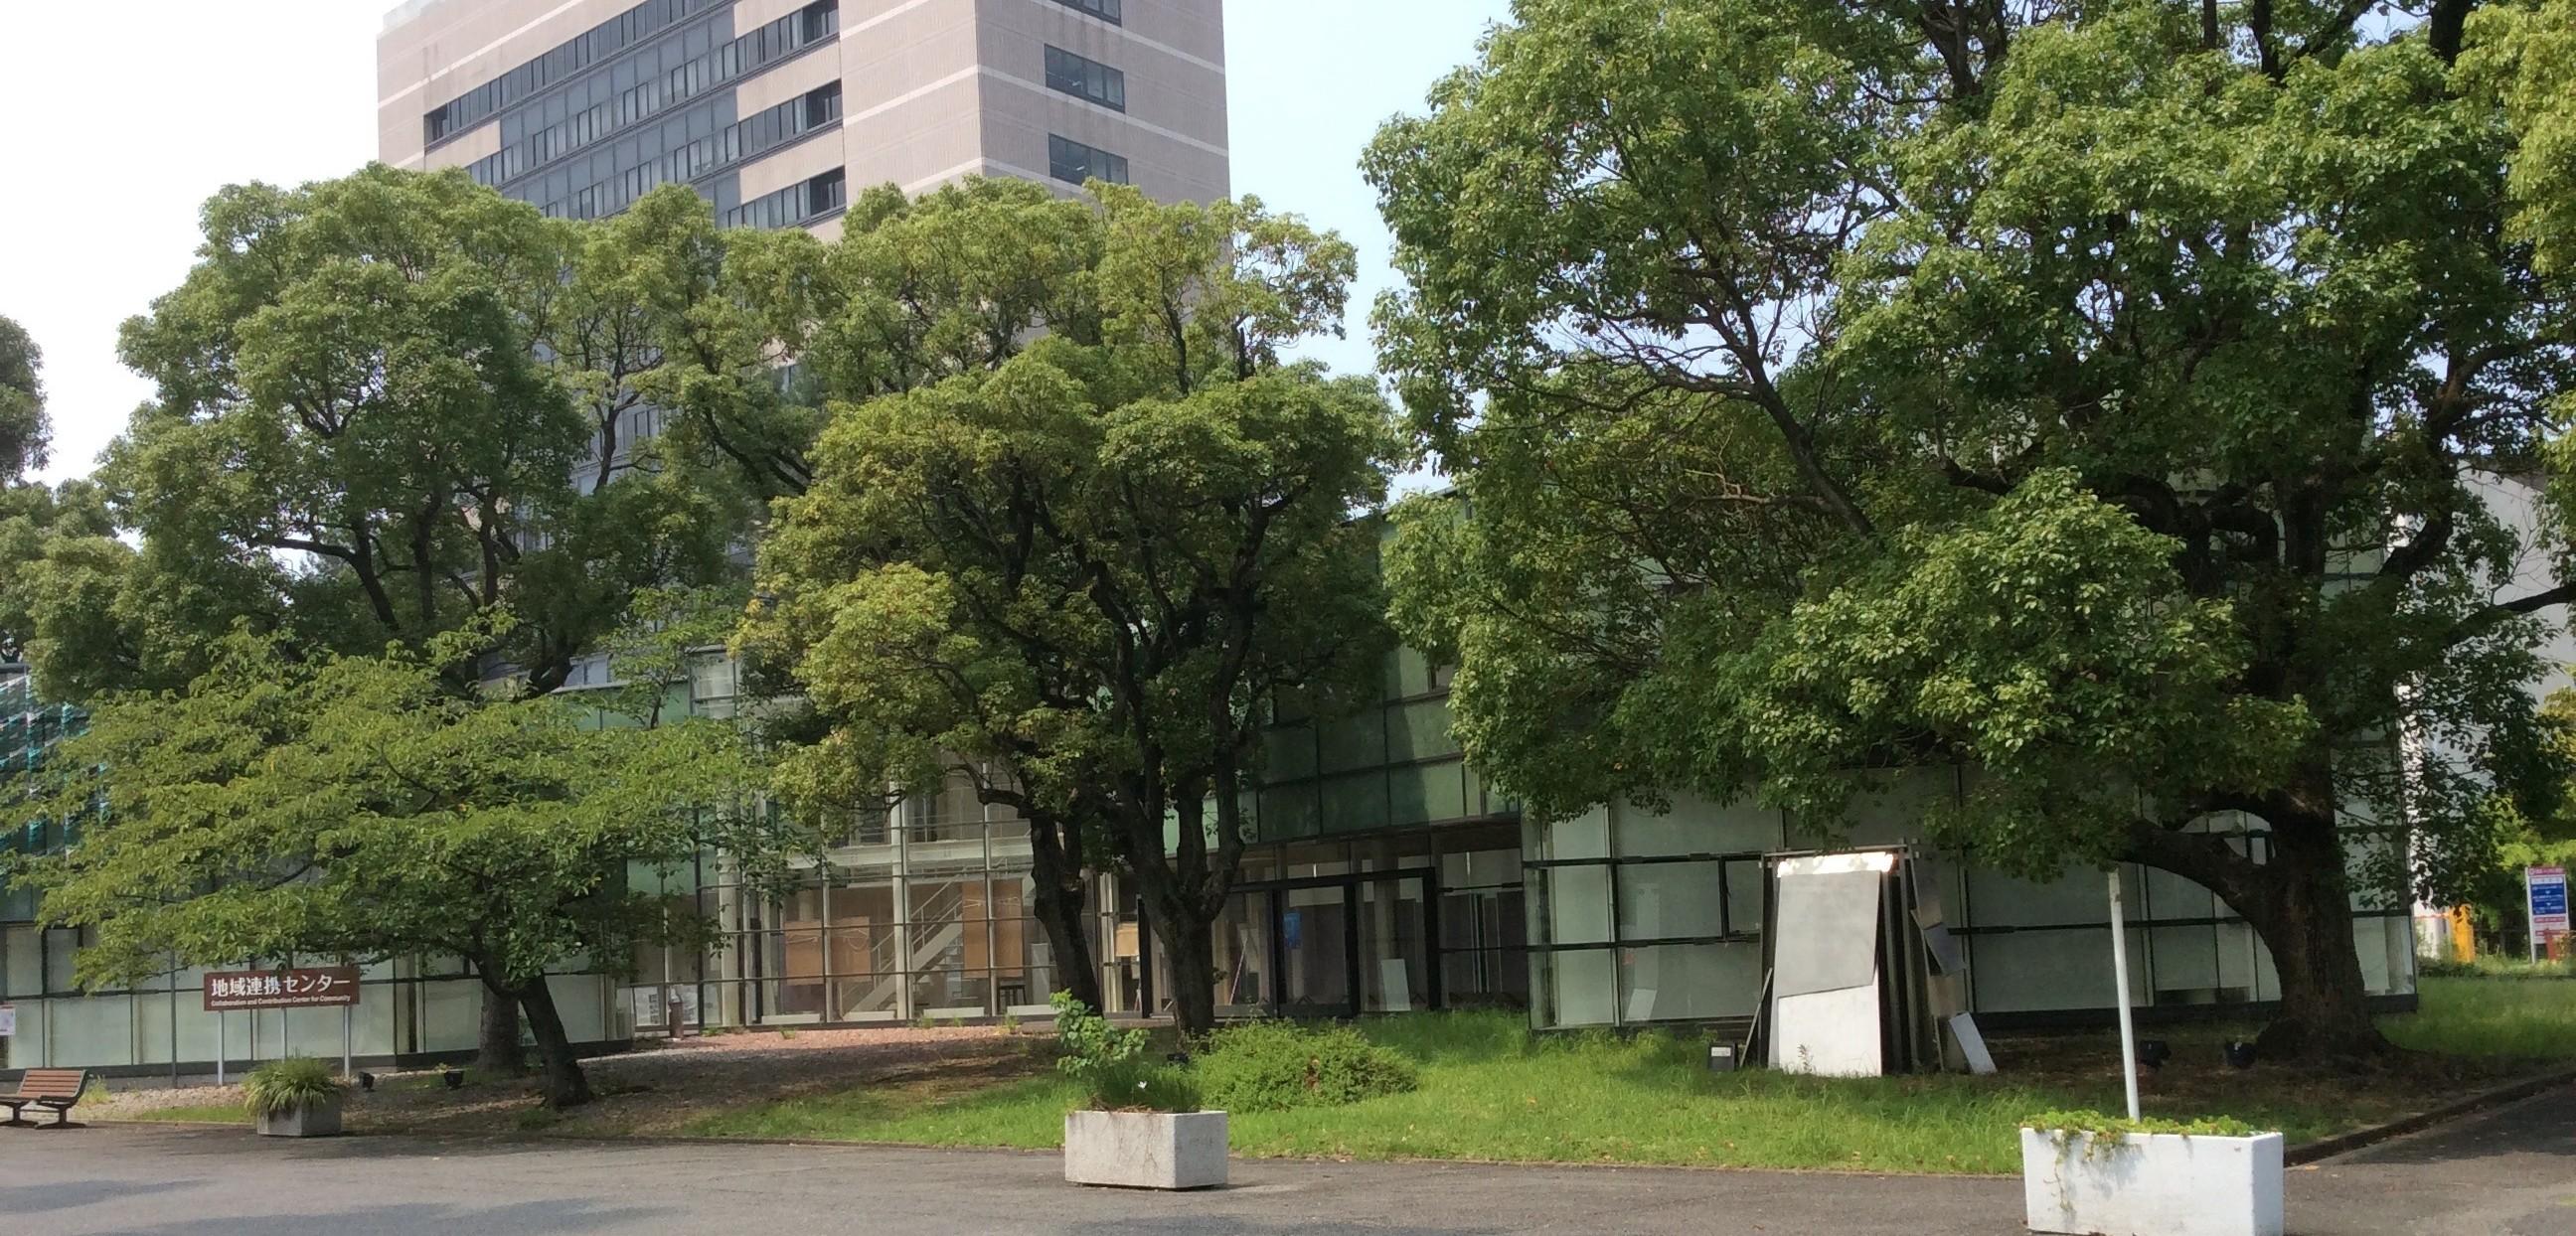 リノベーションまちづくり学会in 大阪 公開プレゼンテーションのご案内